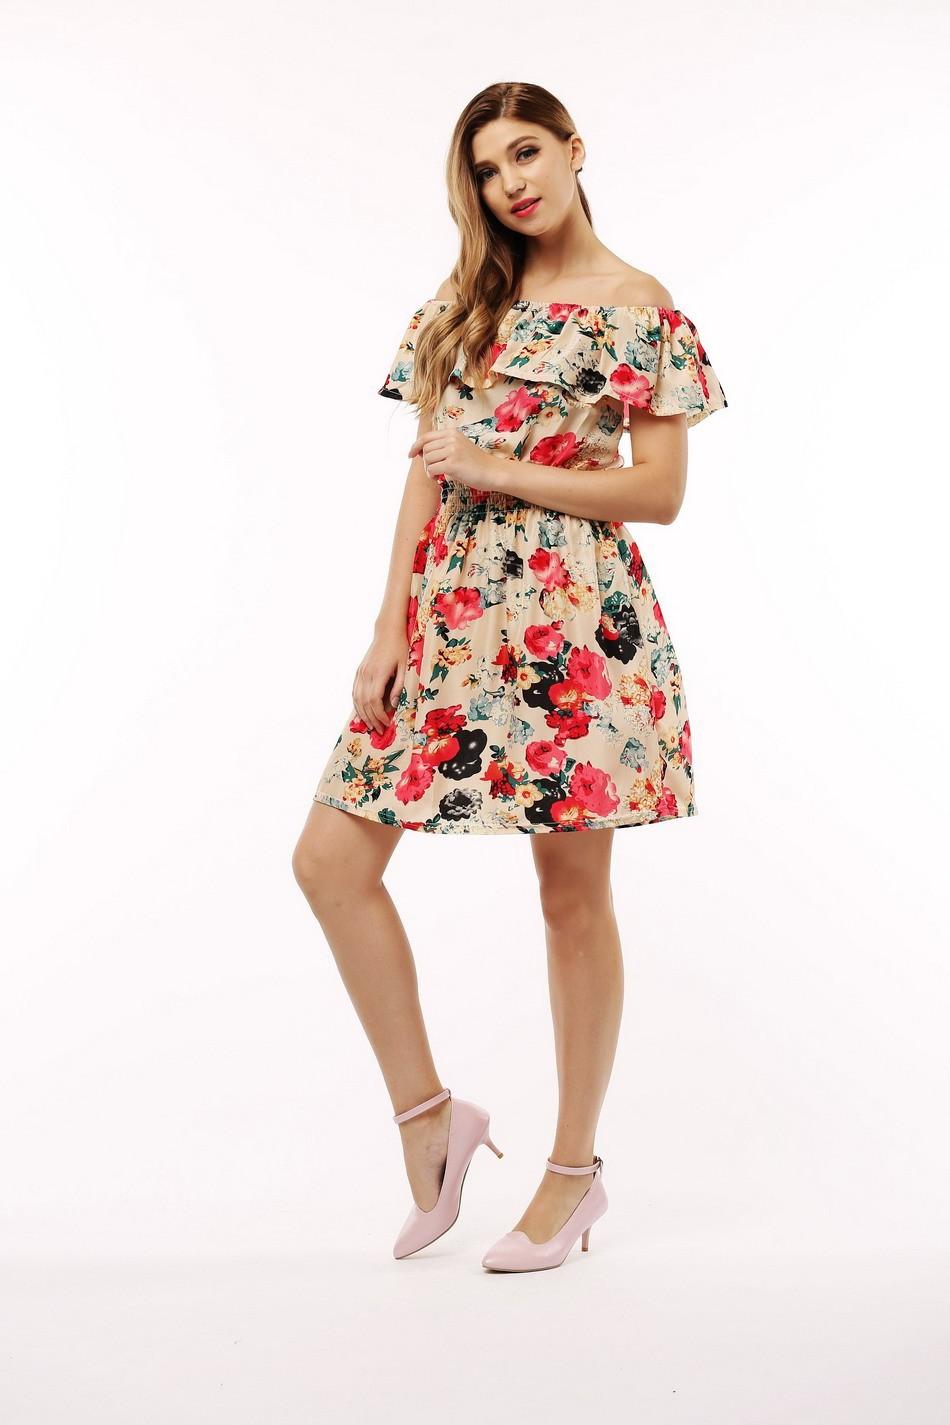 2017 fashion nowa wiosna lato plus size odzież kobiet floral print wzór sukienki na co dzień vestidos wc0472 19